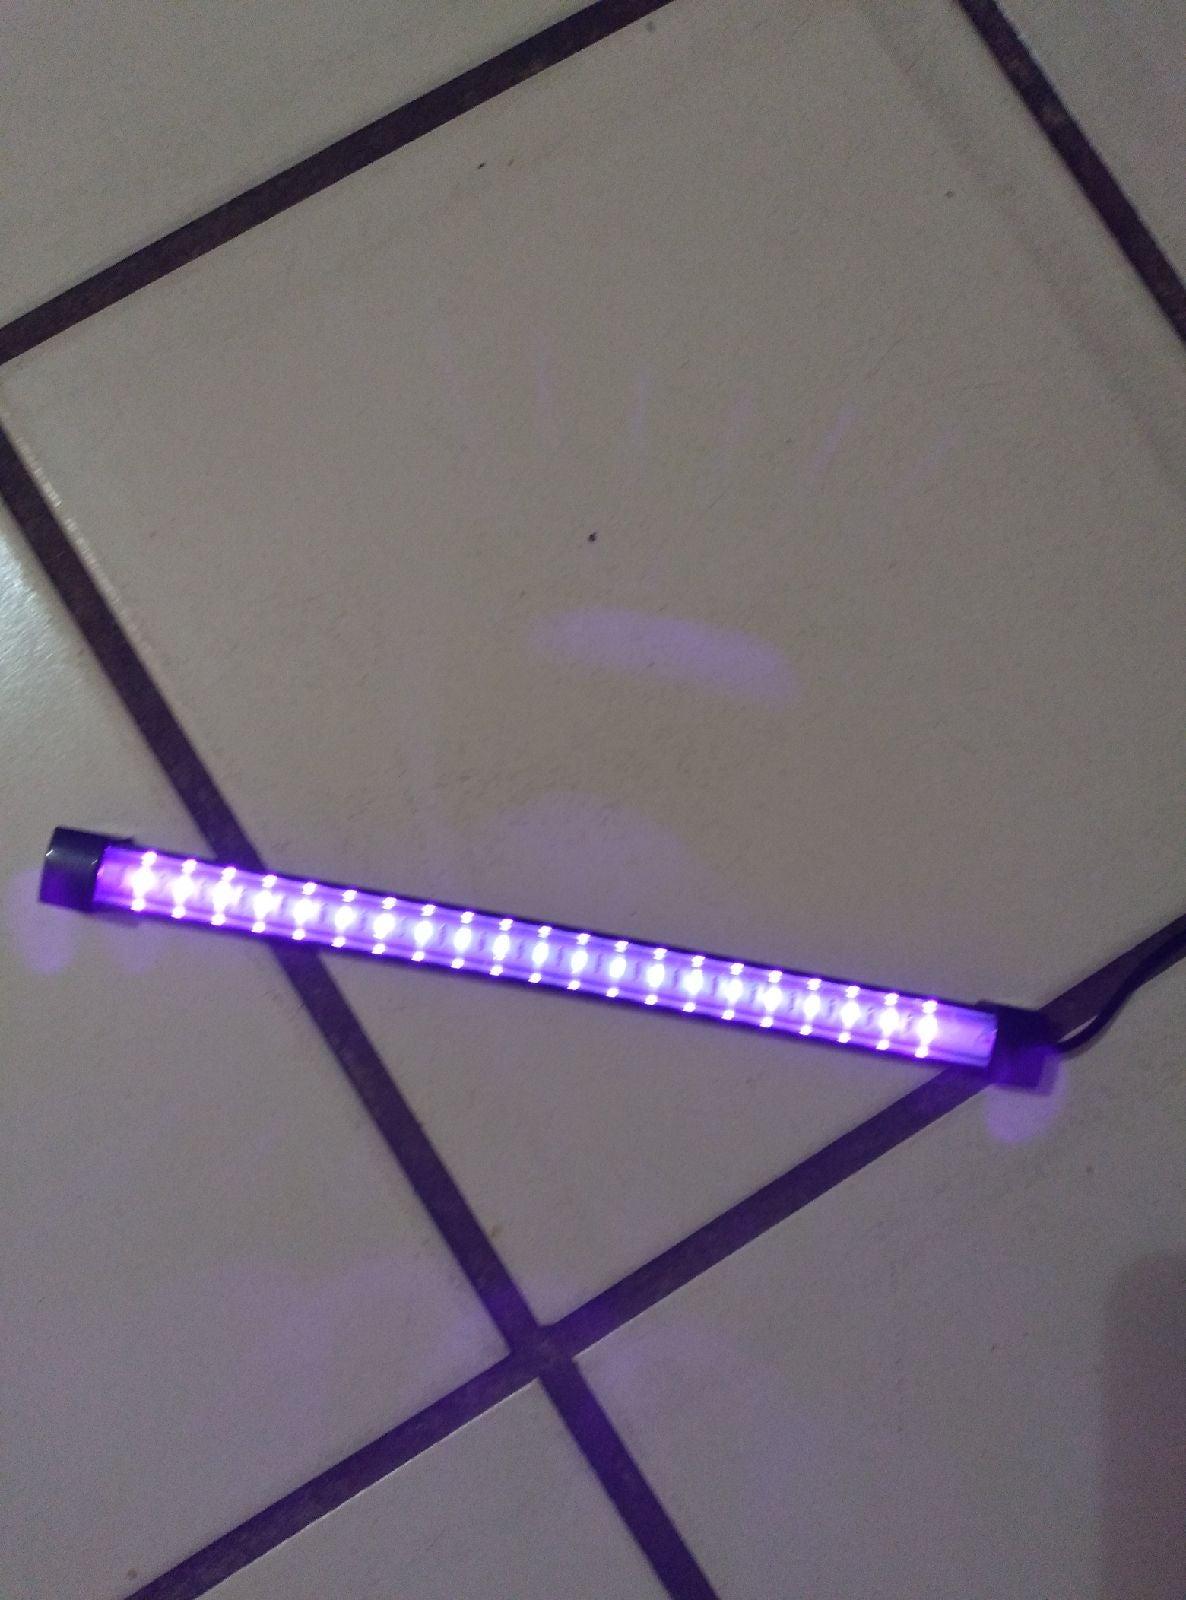 Handheld ultraviolet light